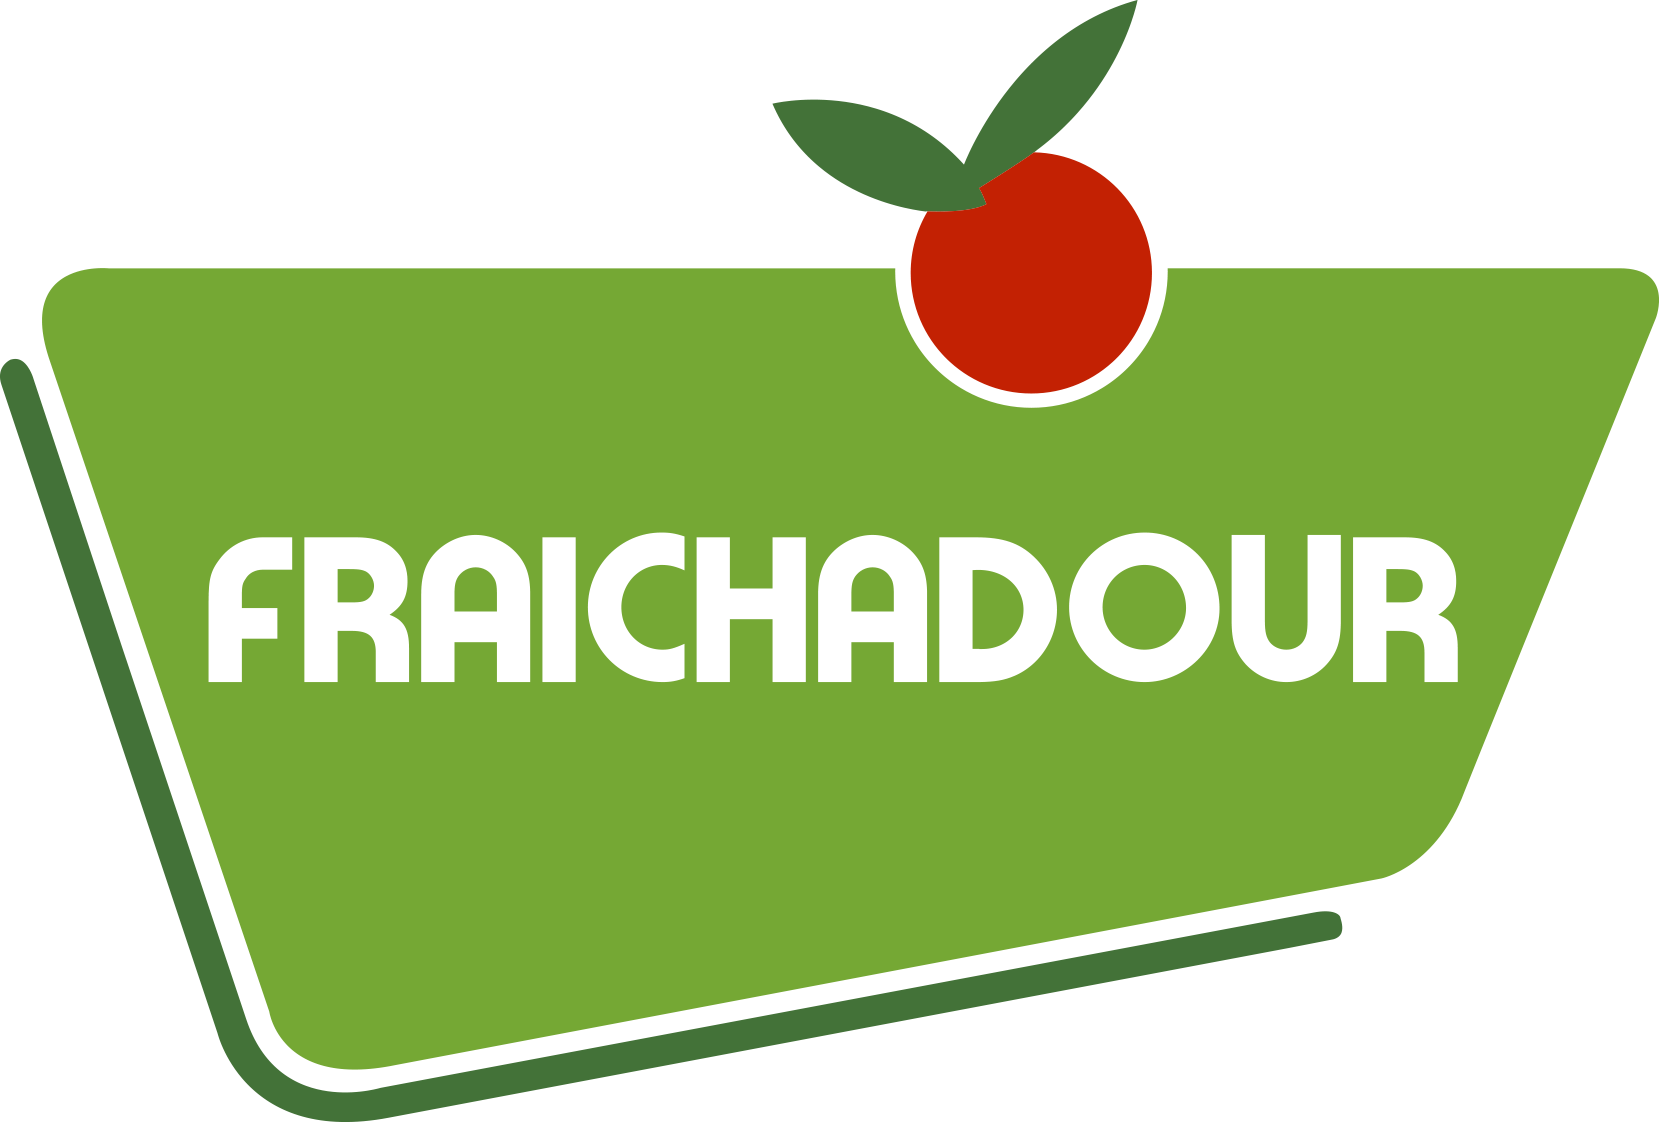 Fraichadour_RVB